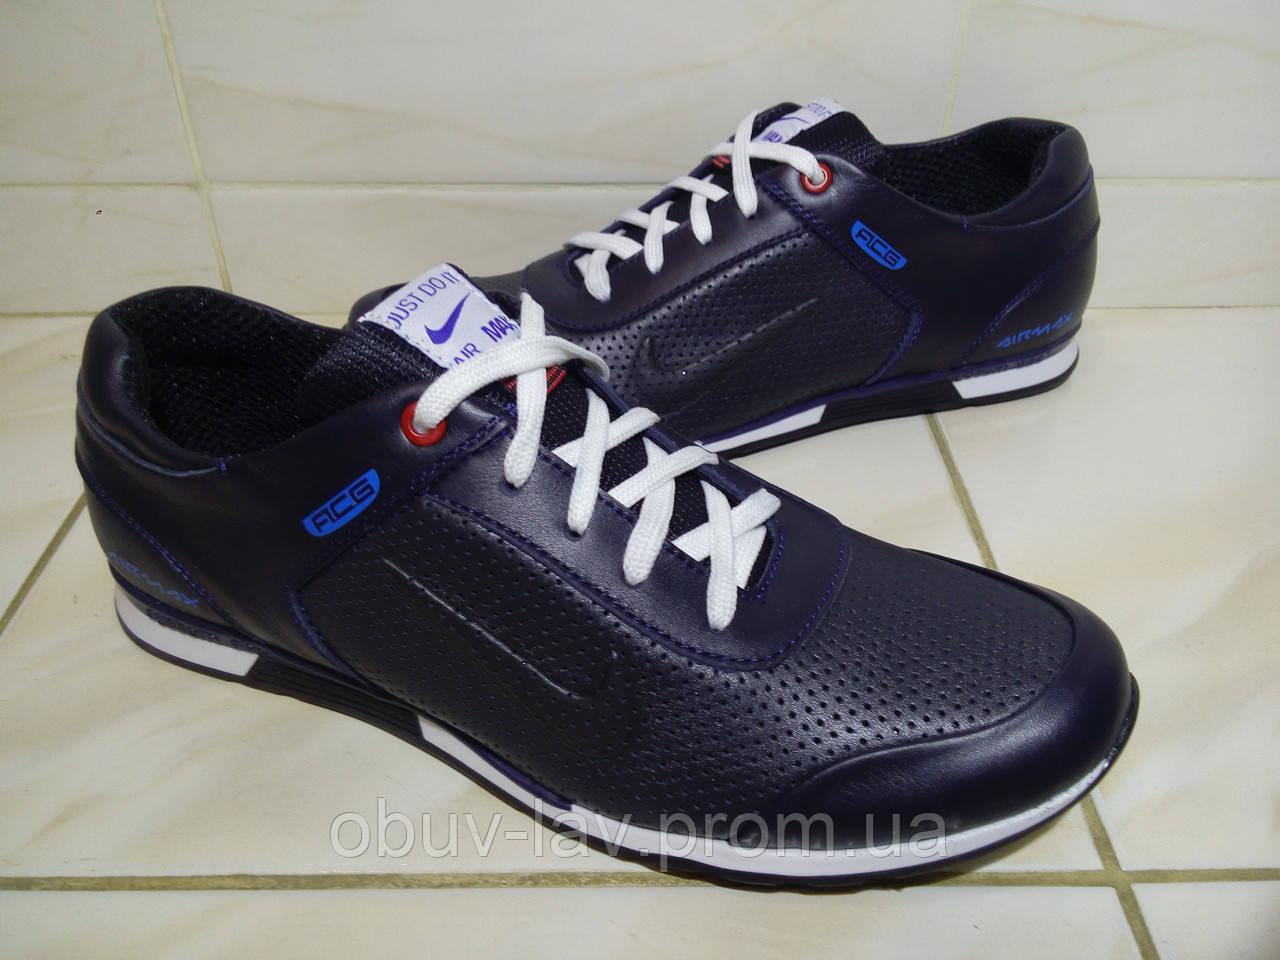 88015a0fe Мужские кожаные кроссовки nike перфорация - Интернет-магазин спортивной  обуви